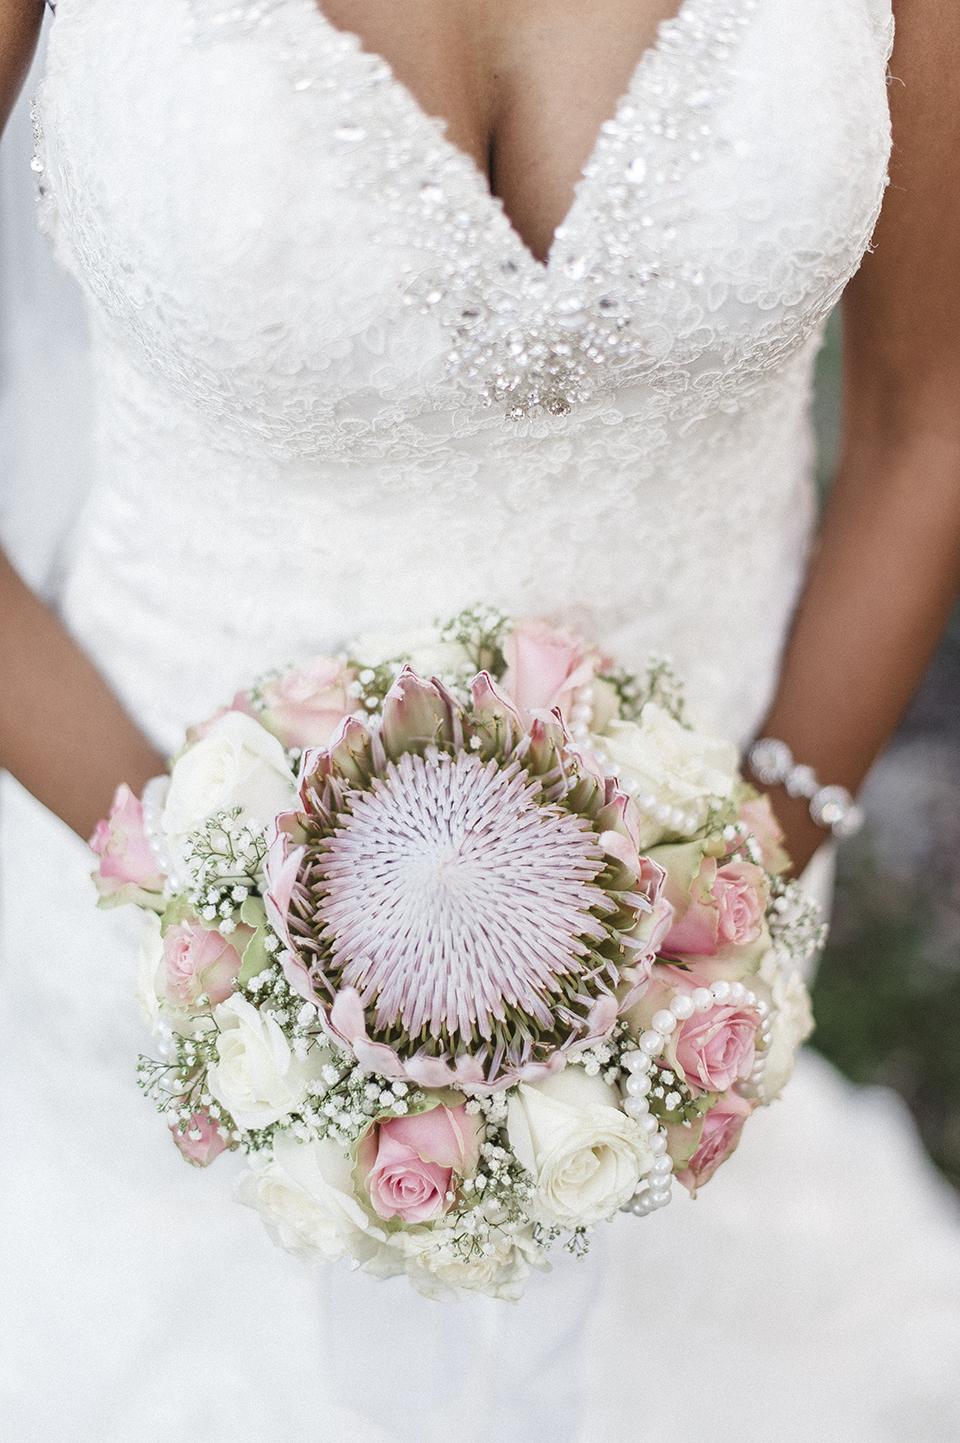 RyanParker_WeddingPhotographer_FineArt_CapeTown_Johannesburg_Hermanus_Avianto_T&L_DSC_9306.jpg